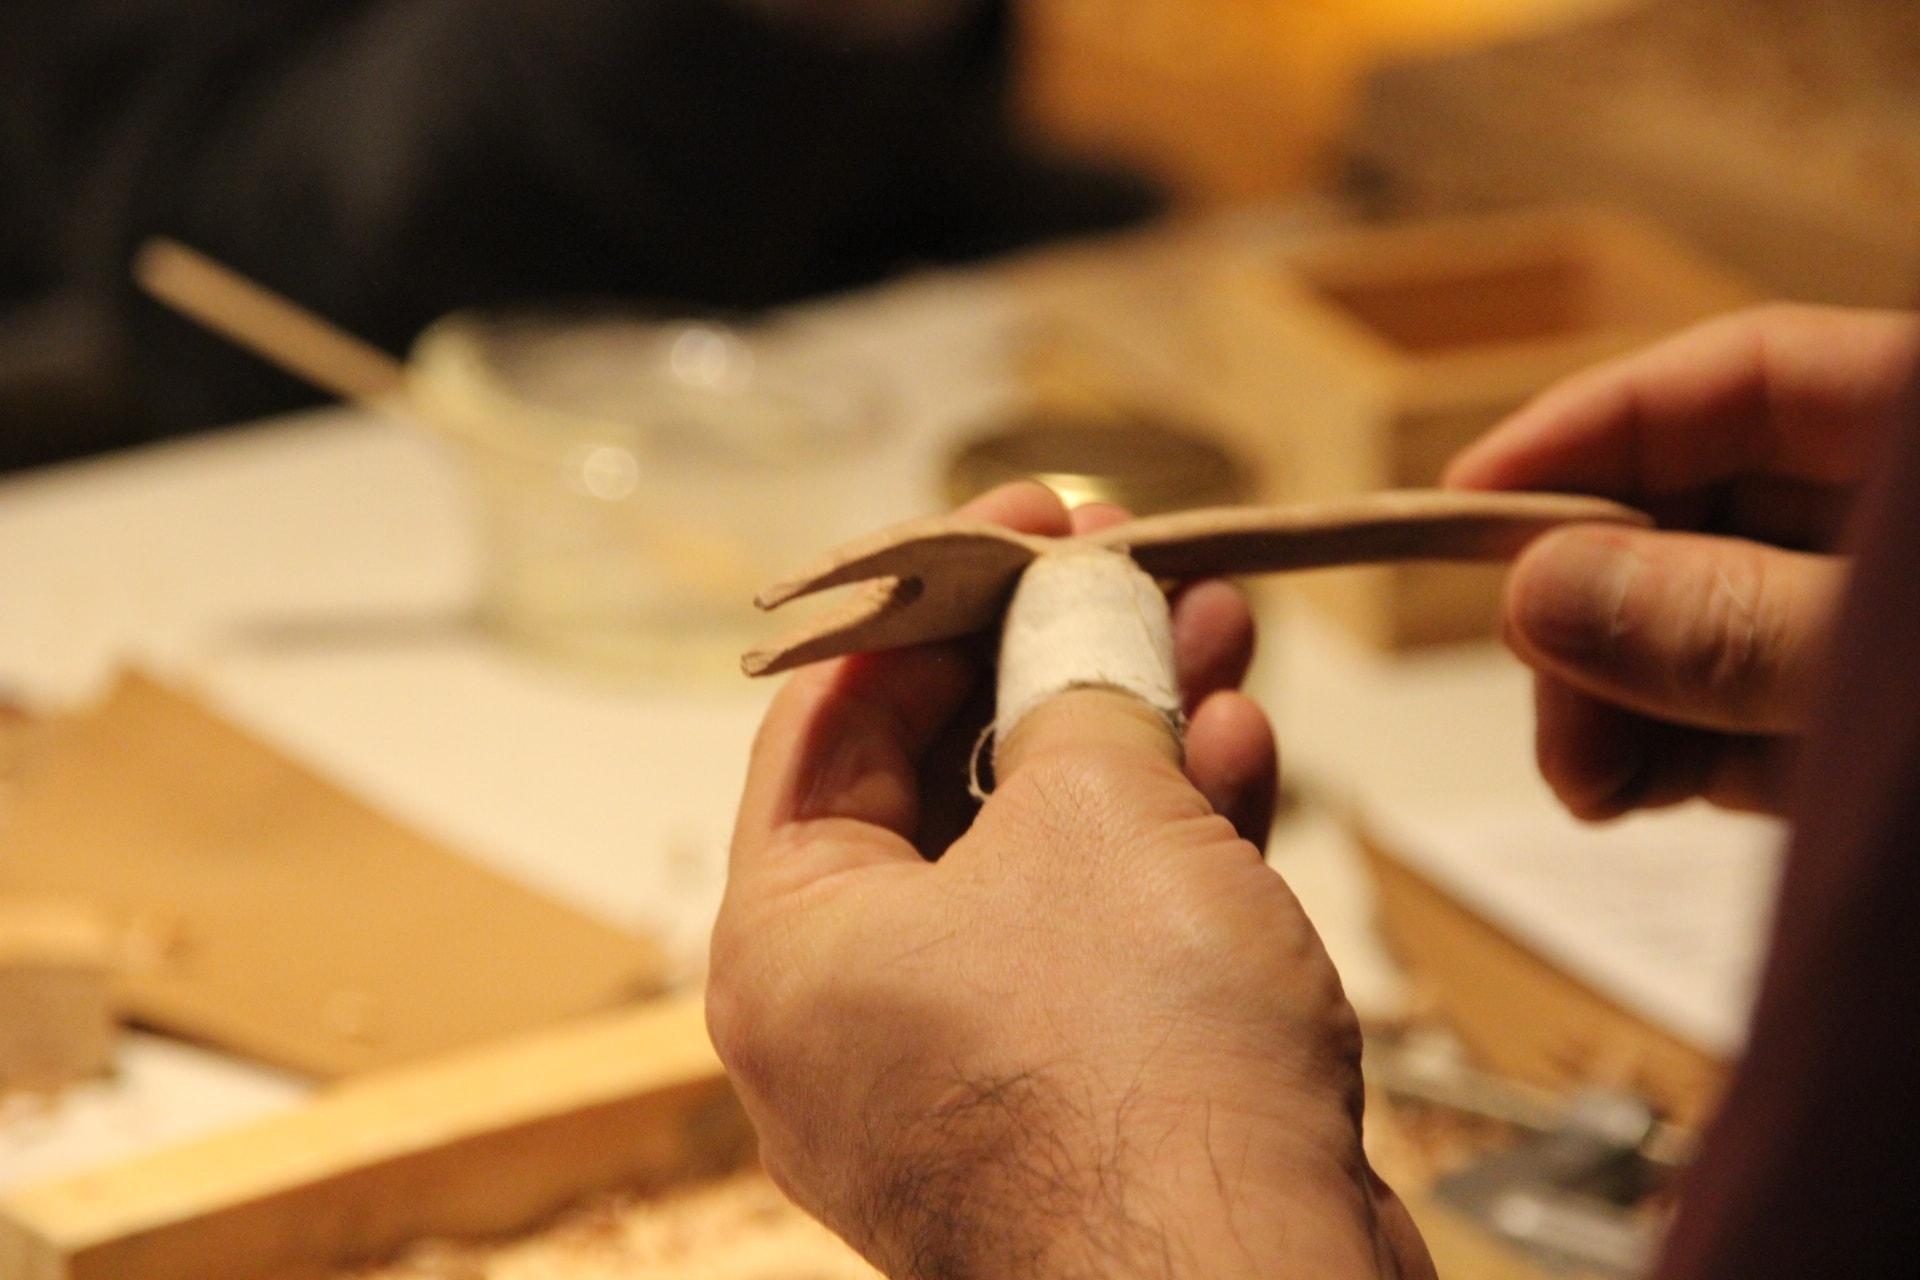 2月10日(土)ワークショップ「木のスプーンづくり」開催